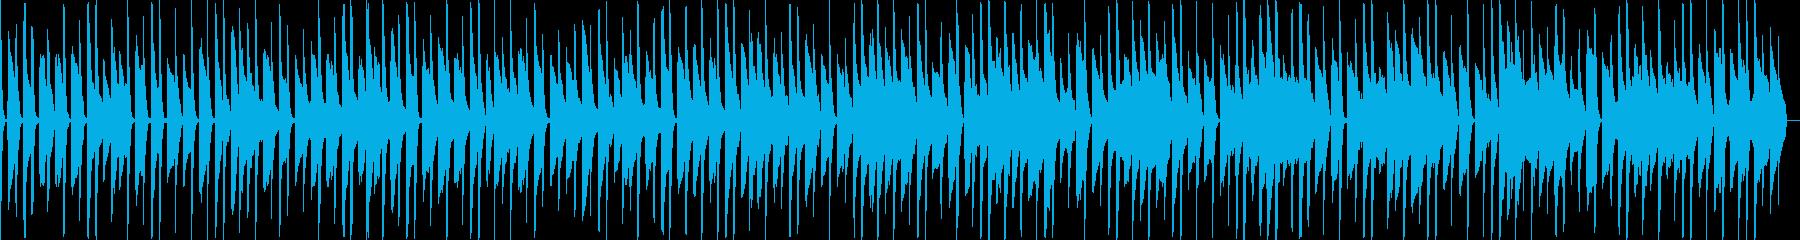 スマホゲームなど、ほのぼのデジタル音楽の再生済みの波形